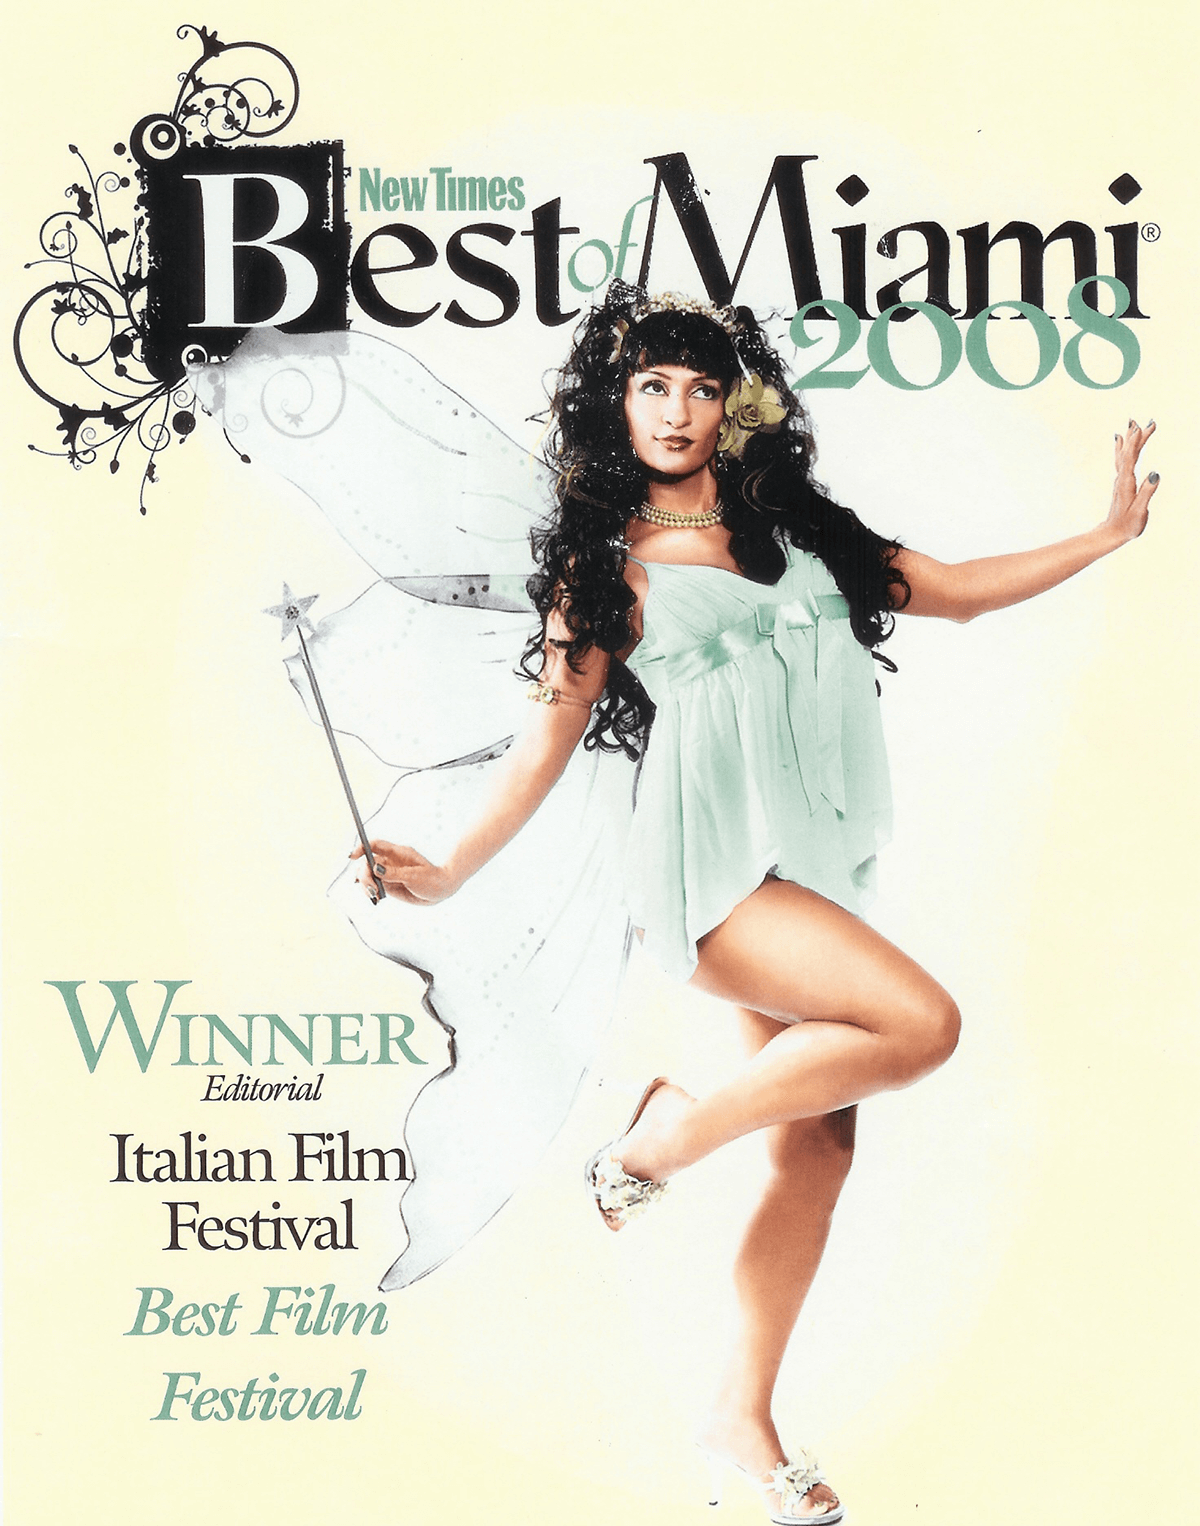 New Times Winner of Best Film Festival 2008 Italian Film Festival